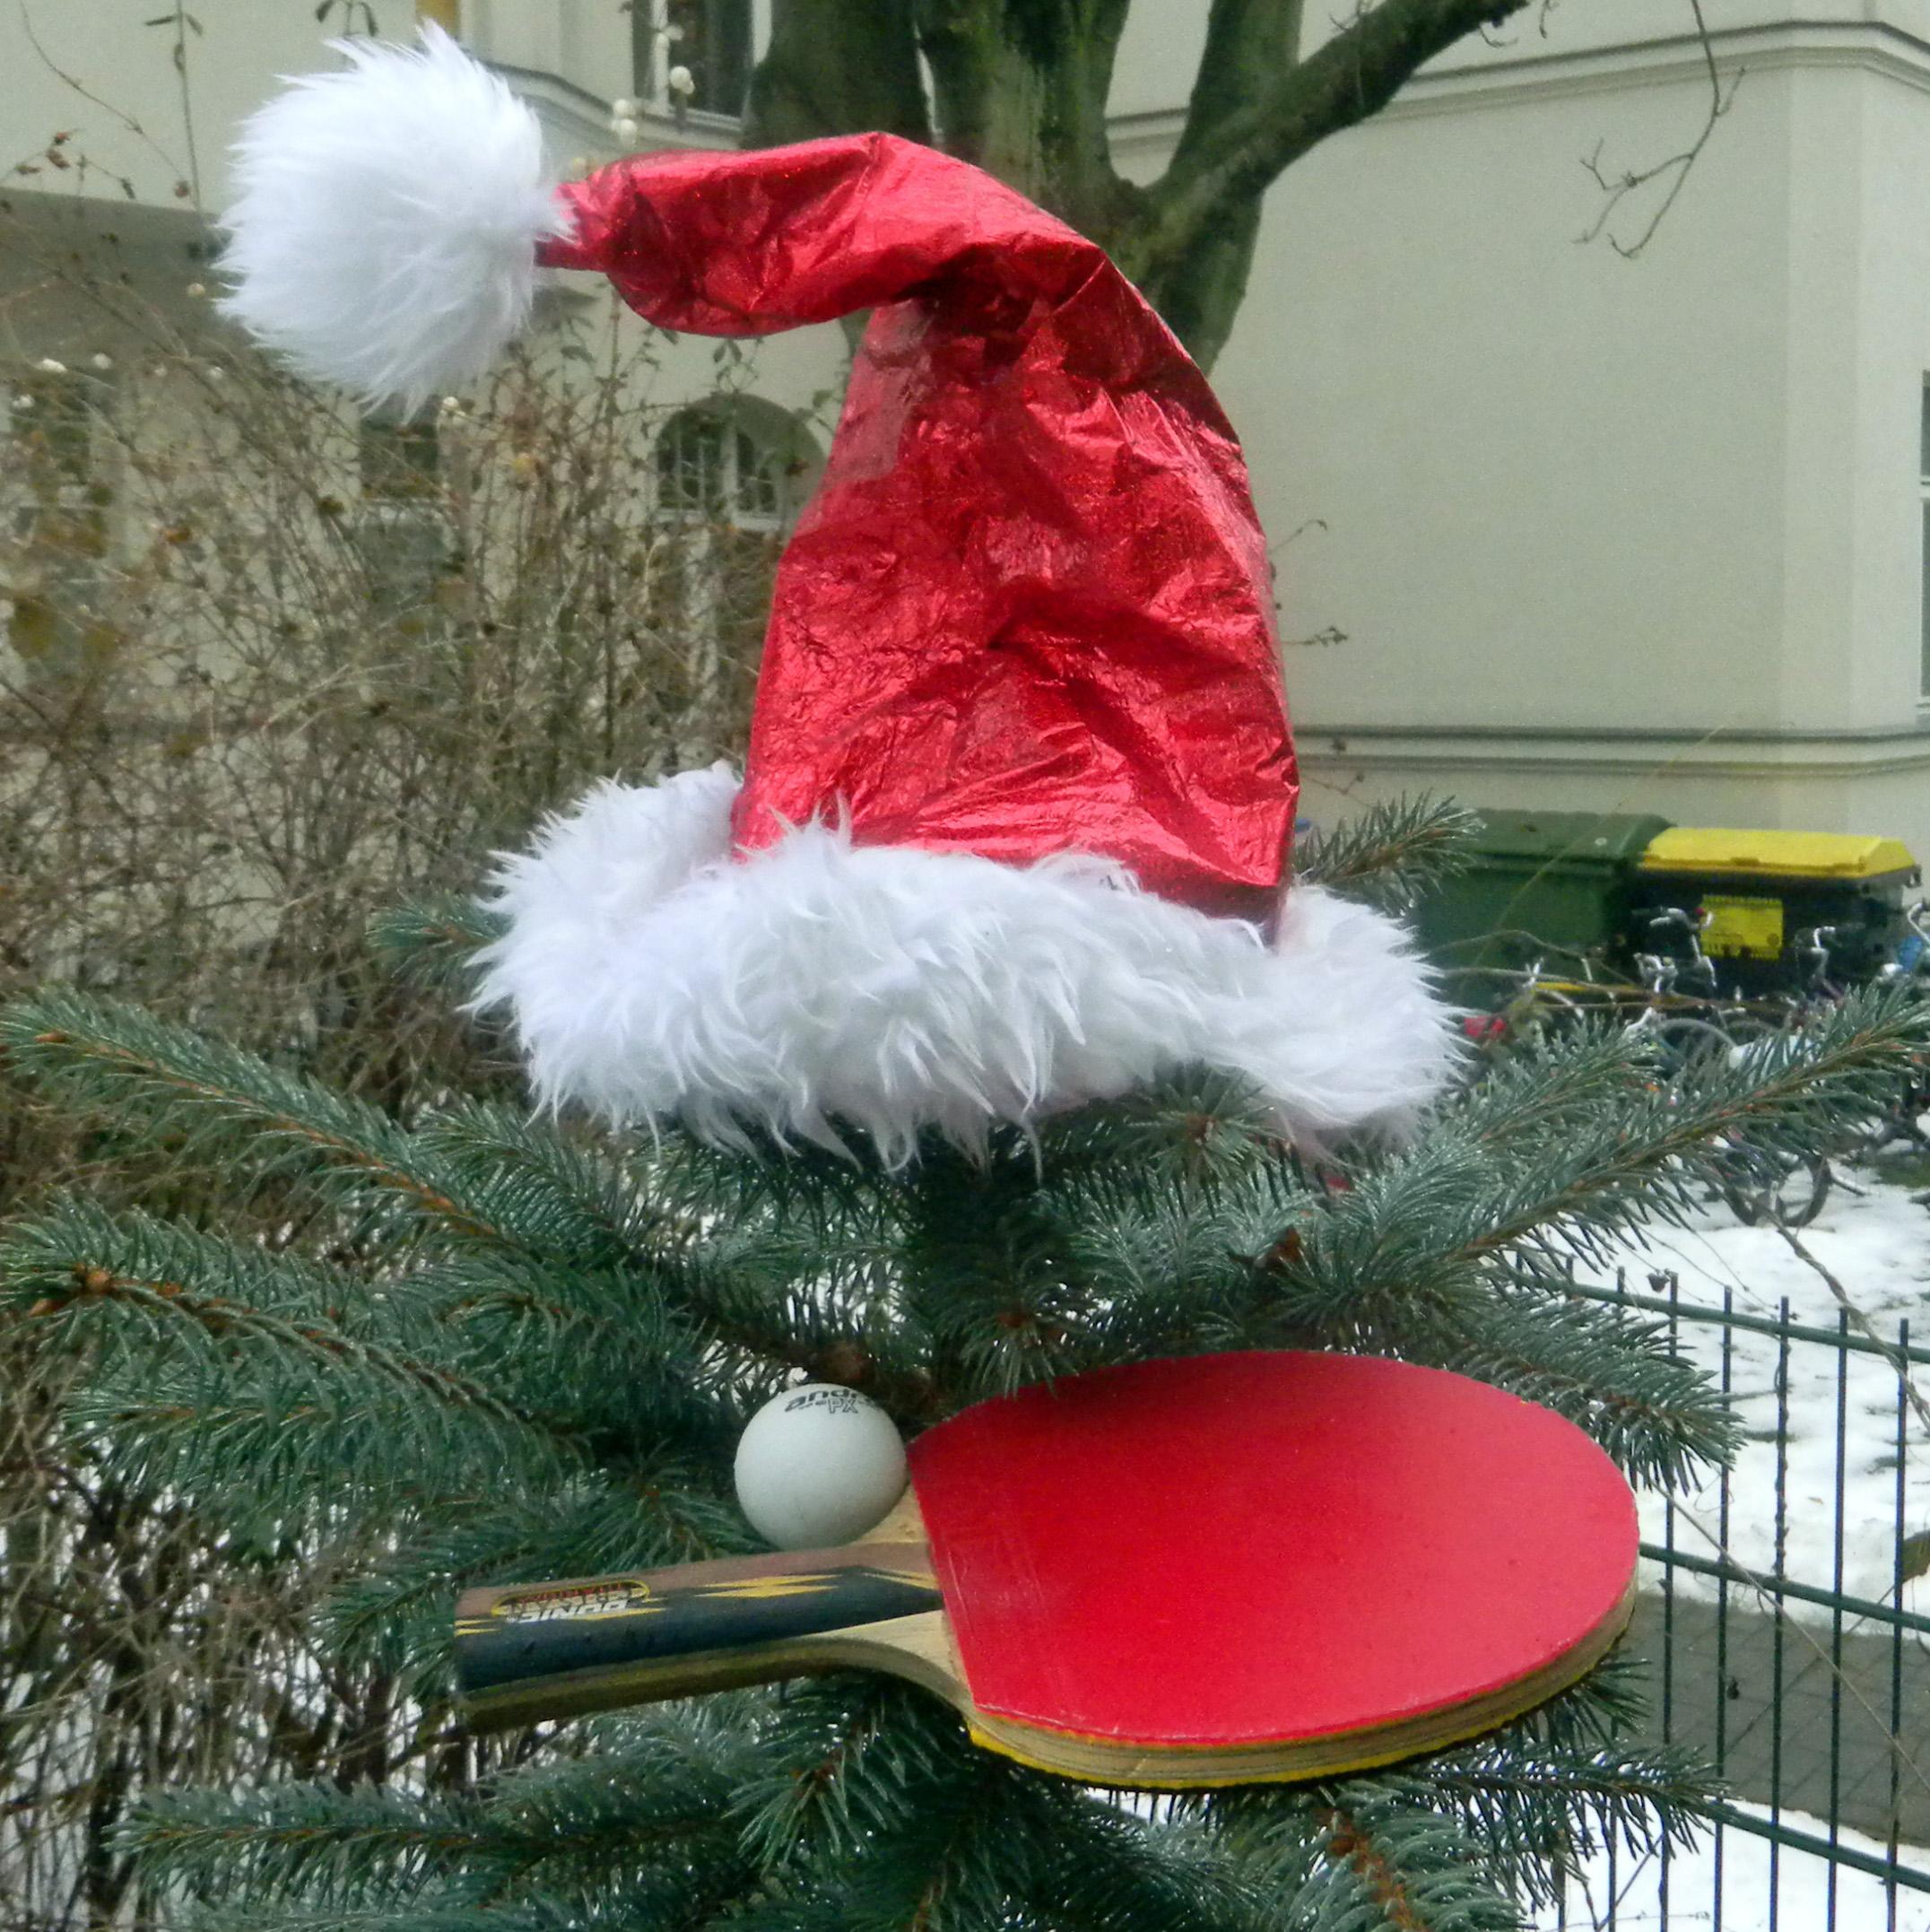 Frohe Weihnachten Und Gesundes Neues Jahr.Leipziger Tischtennisverein Leutzscher Fuchse E V Frohe